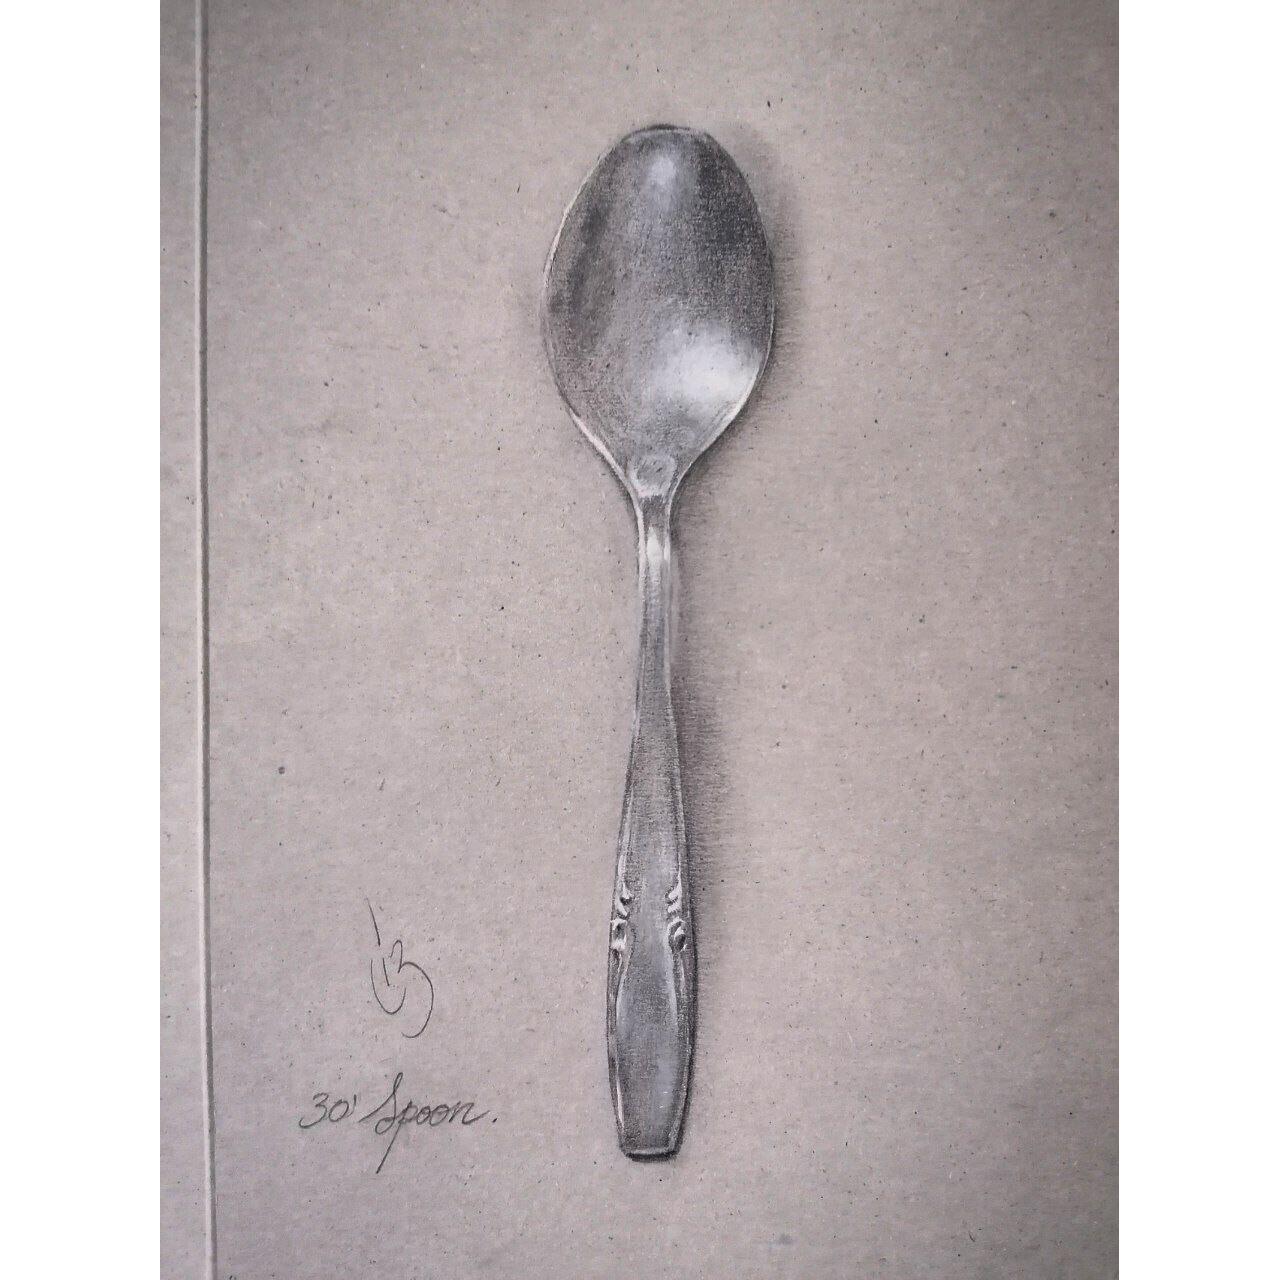 Spoon sketch